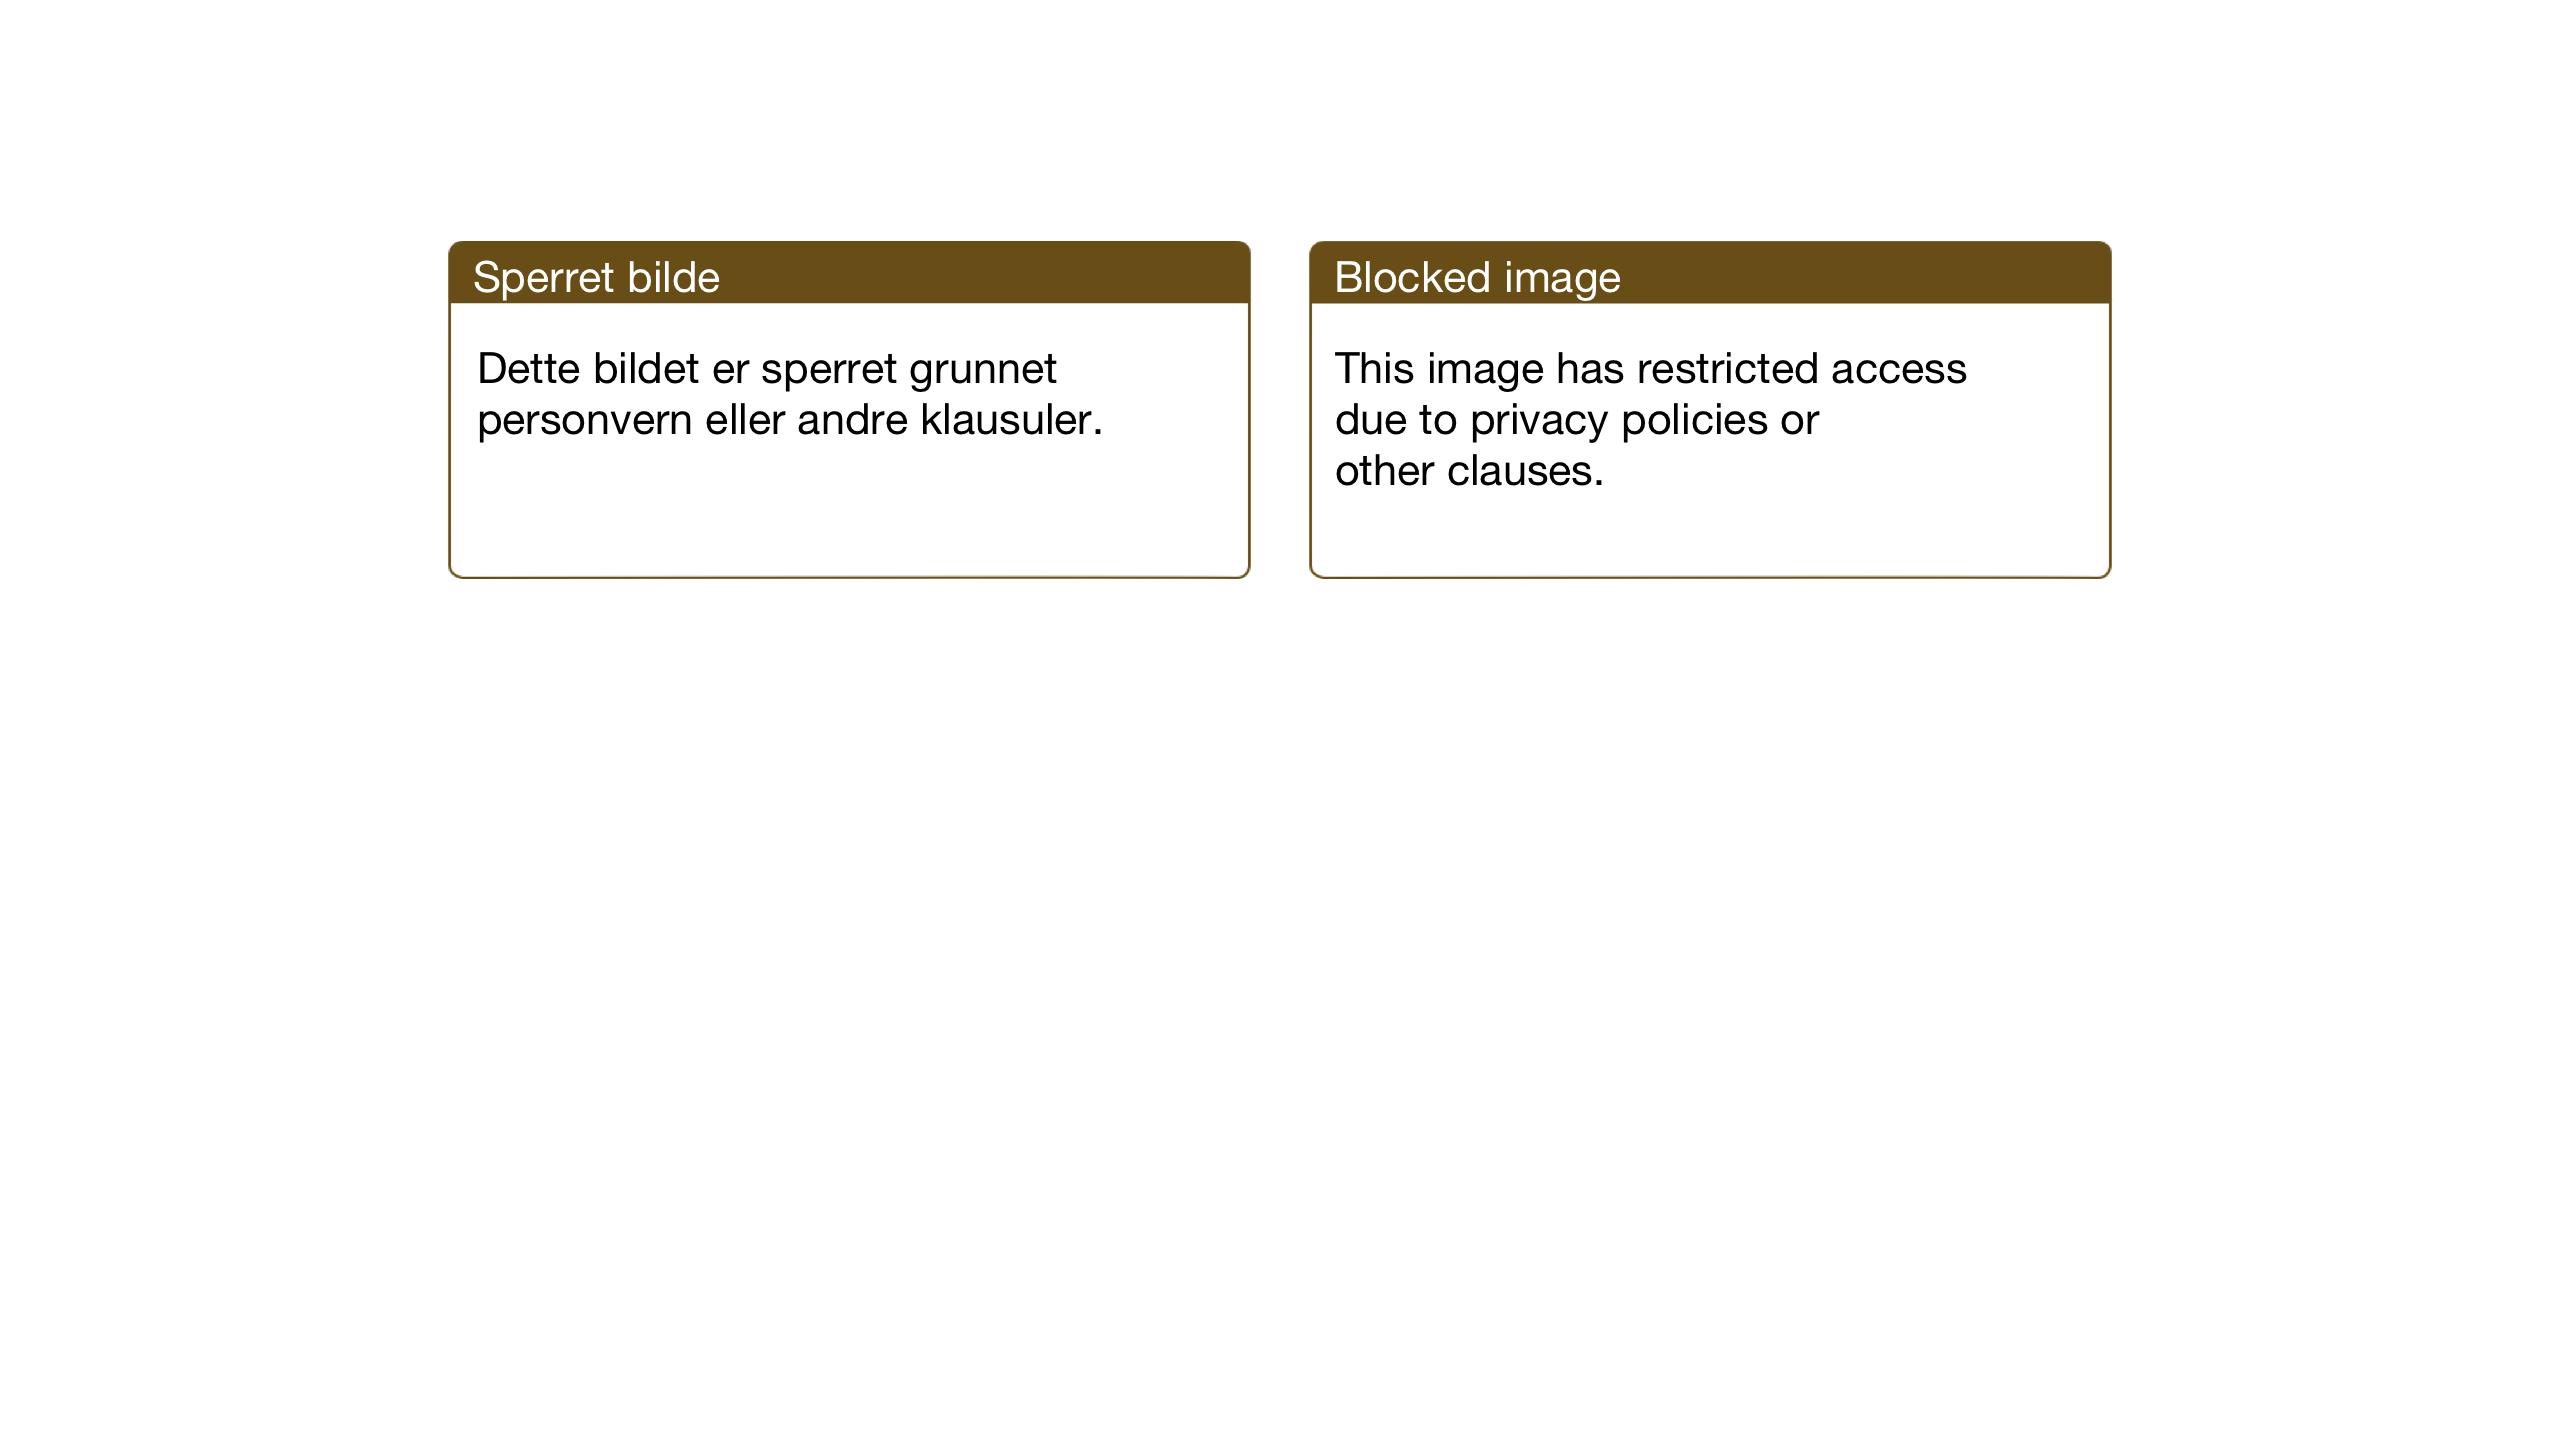 SAT, Ministerialprotokoller, klokkerbøker og fødselsregistre - Sør-Trøndelag, 631/L0515: Klokkerbok nr. 631C03, 1913-1939, s. 60